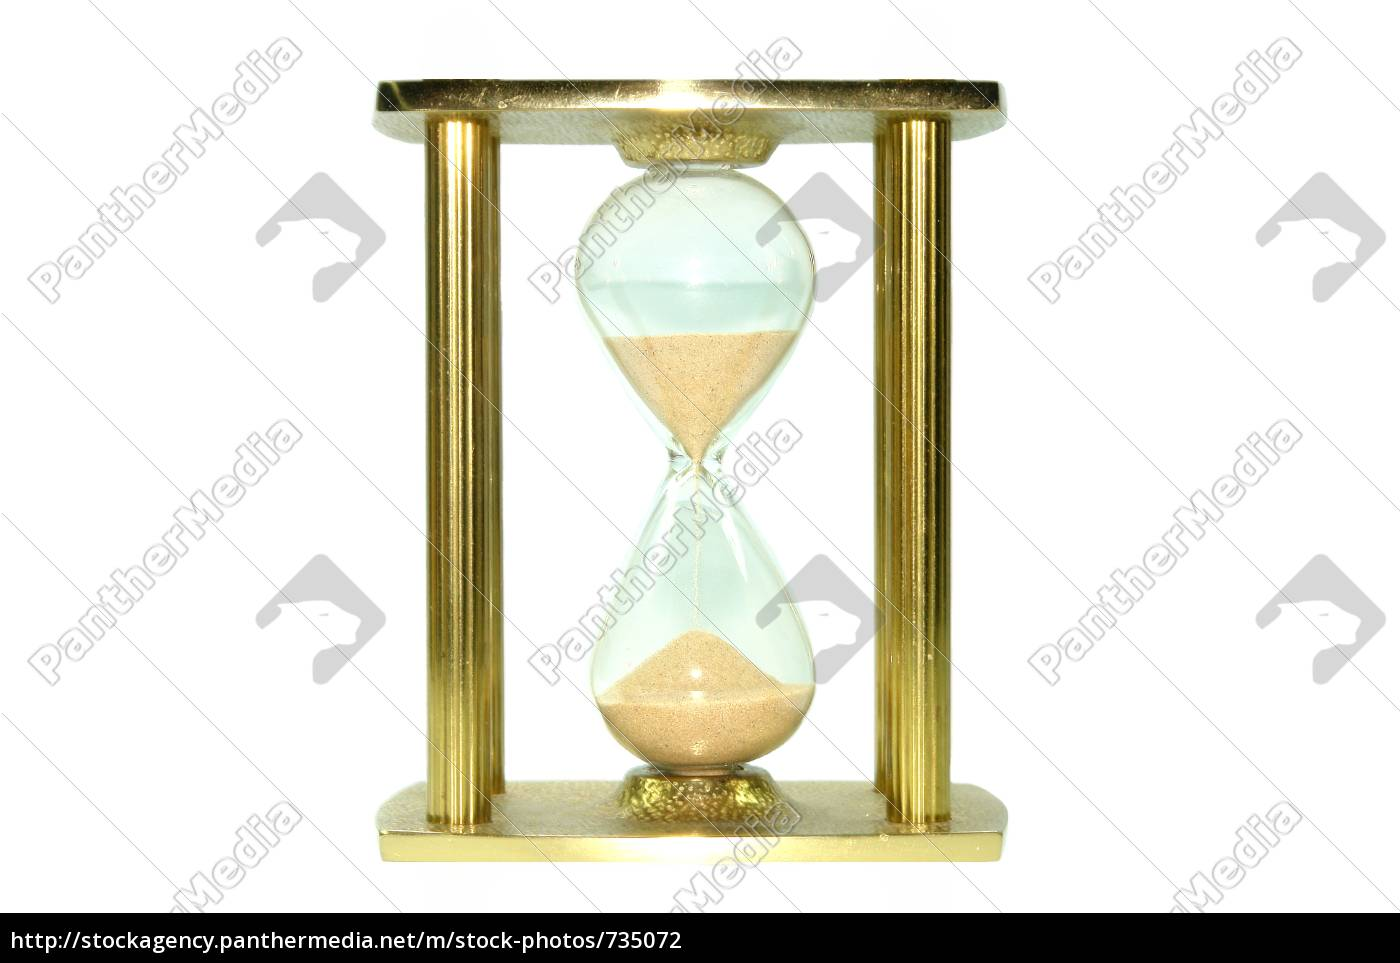 hourglass - 735072